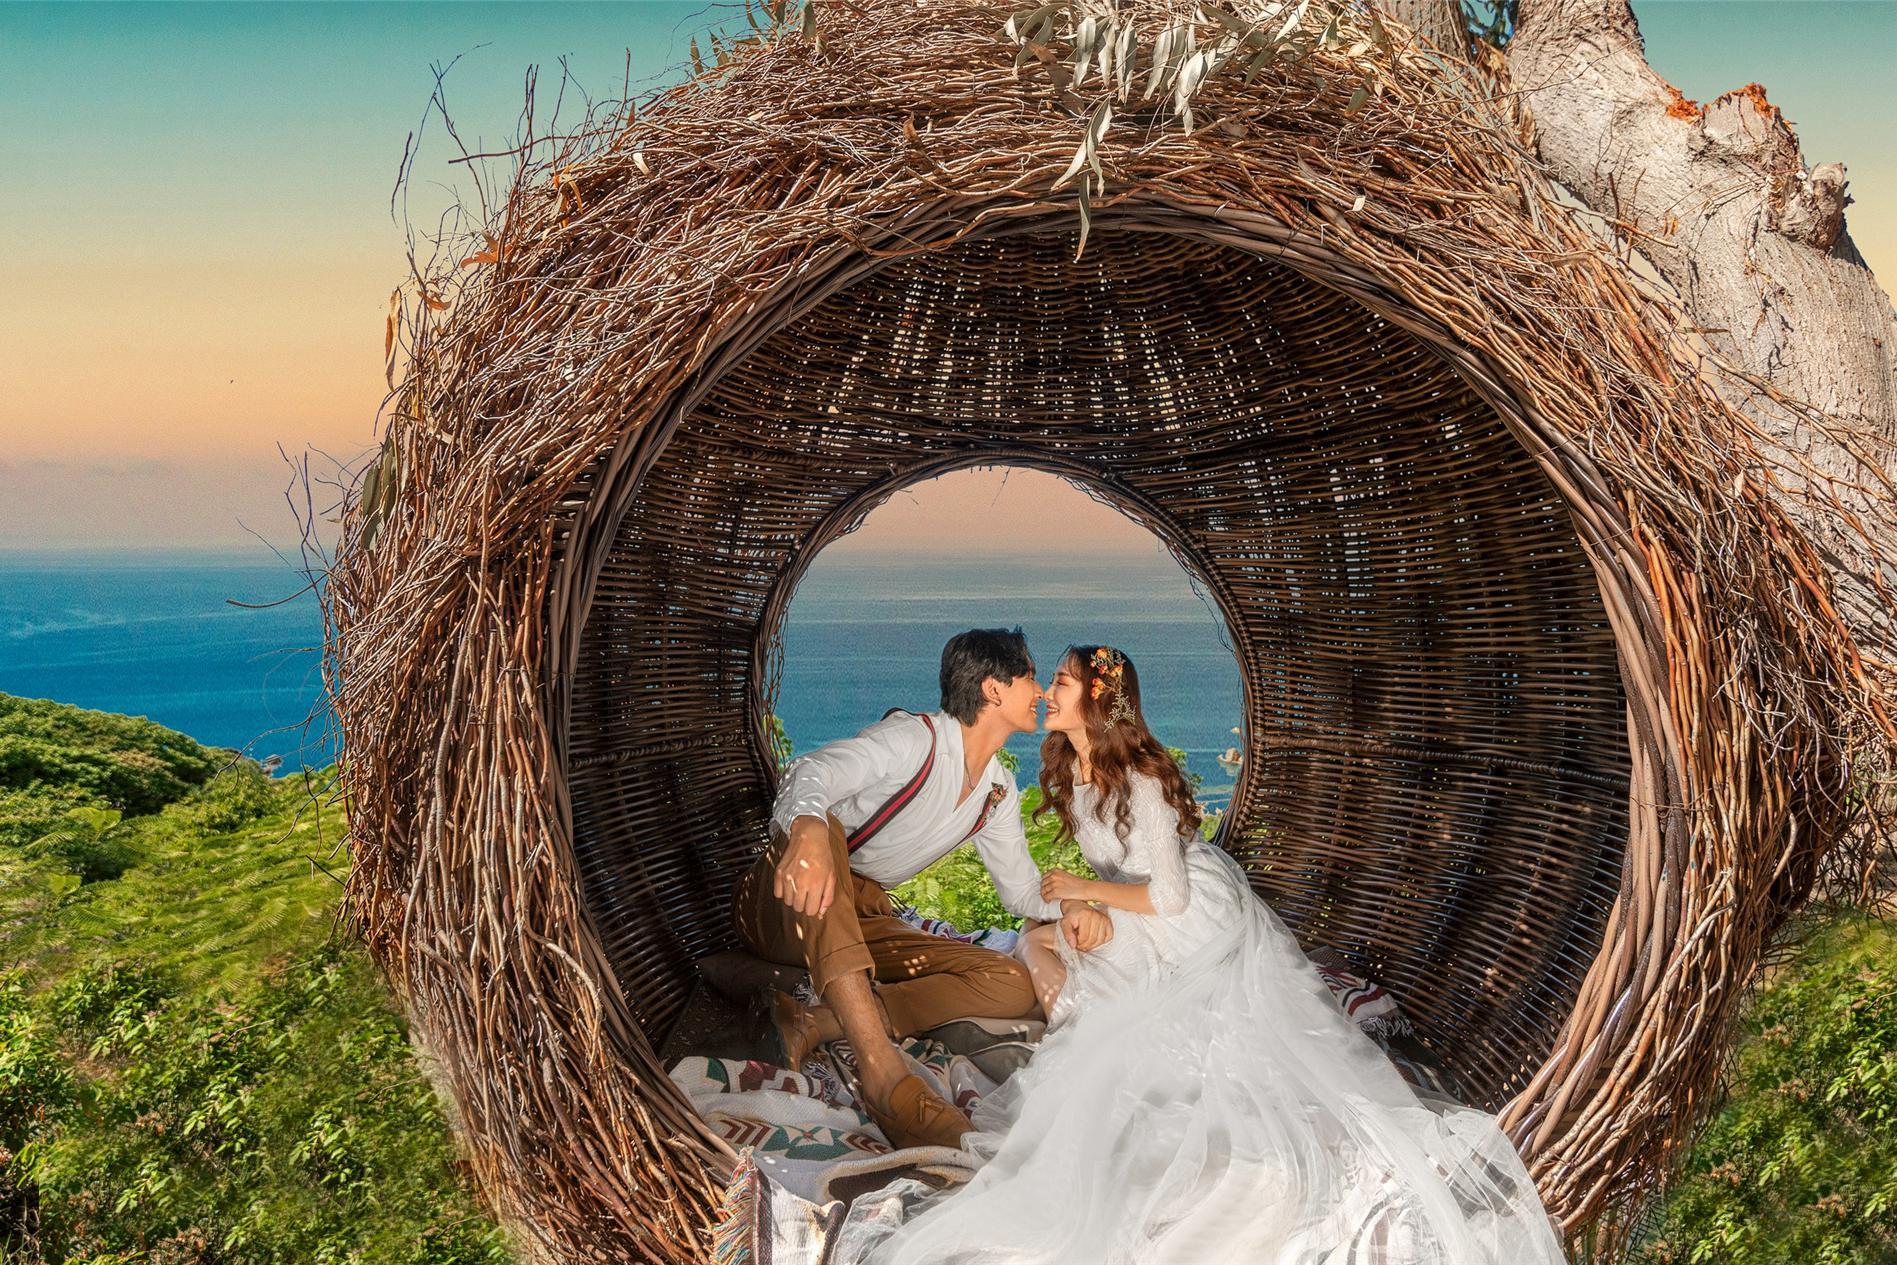 计划一次完美的旅拍行程,三亚硬核旅拍婚纱照攻略双手奉上!